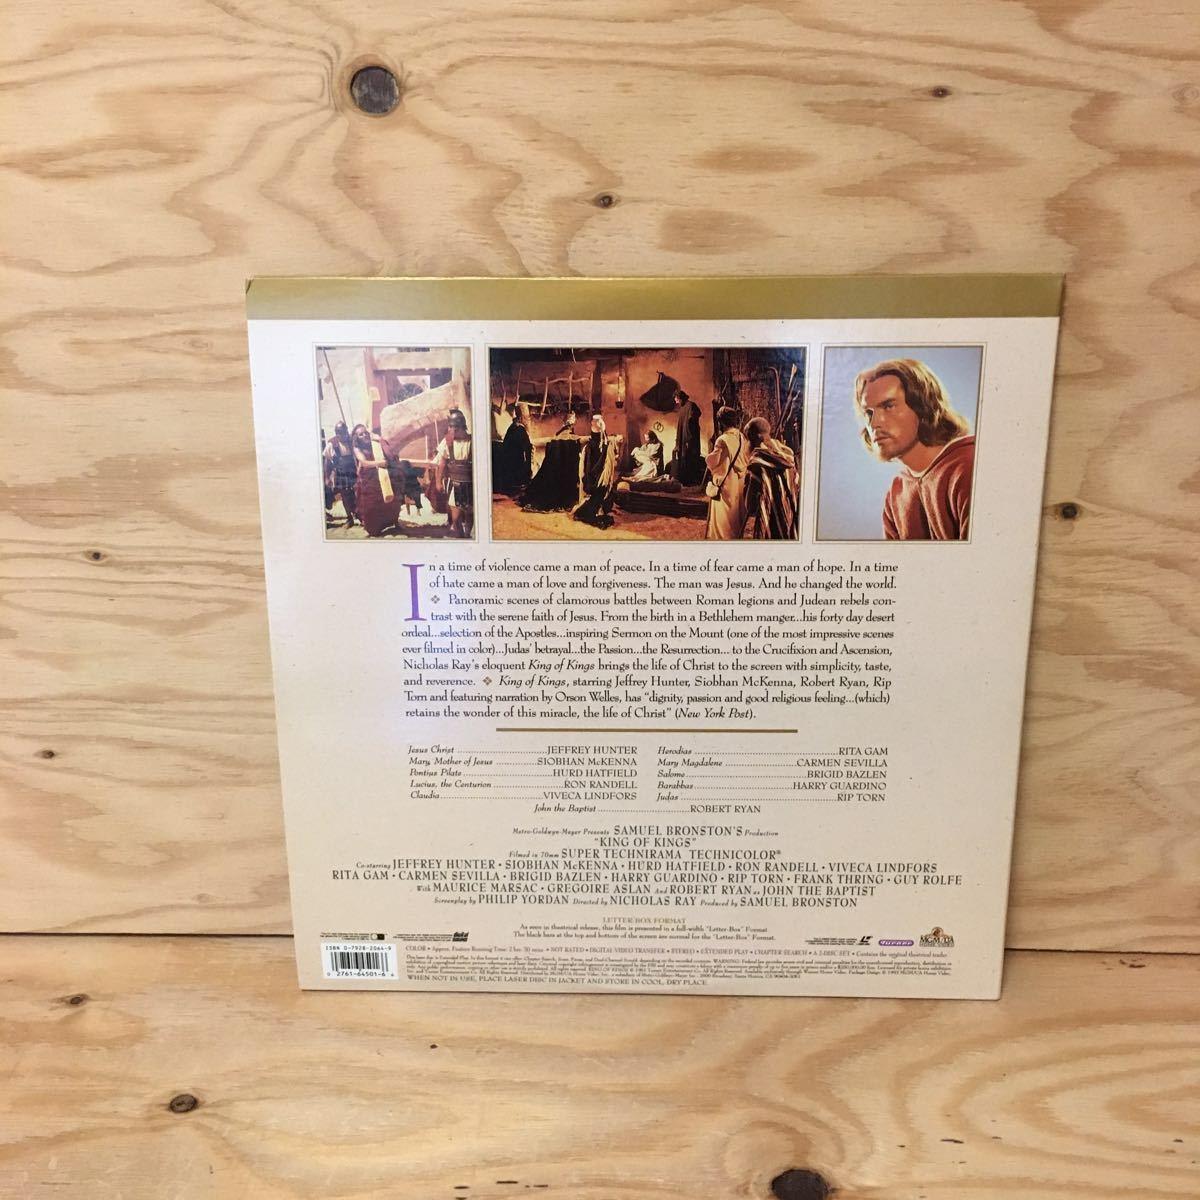 ◎Y3FJJD-200306 レア[KING OF KINGS 輸入盤]LD レーザーディスク JEFFREY HUNTER NICHOLAS RAY_画像2